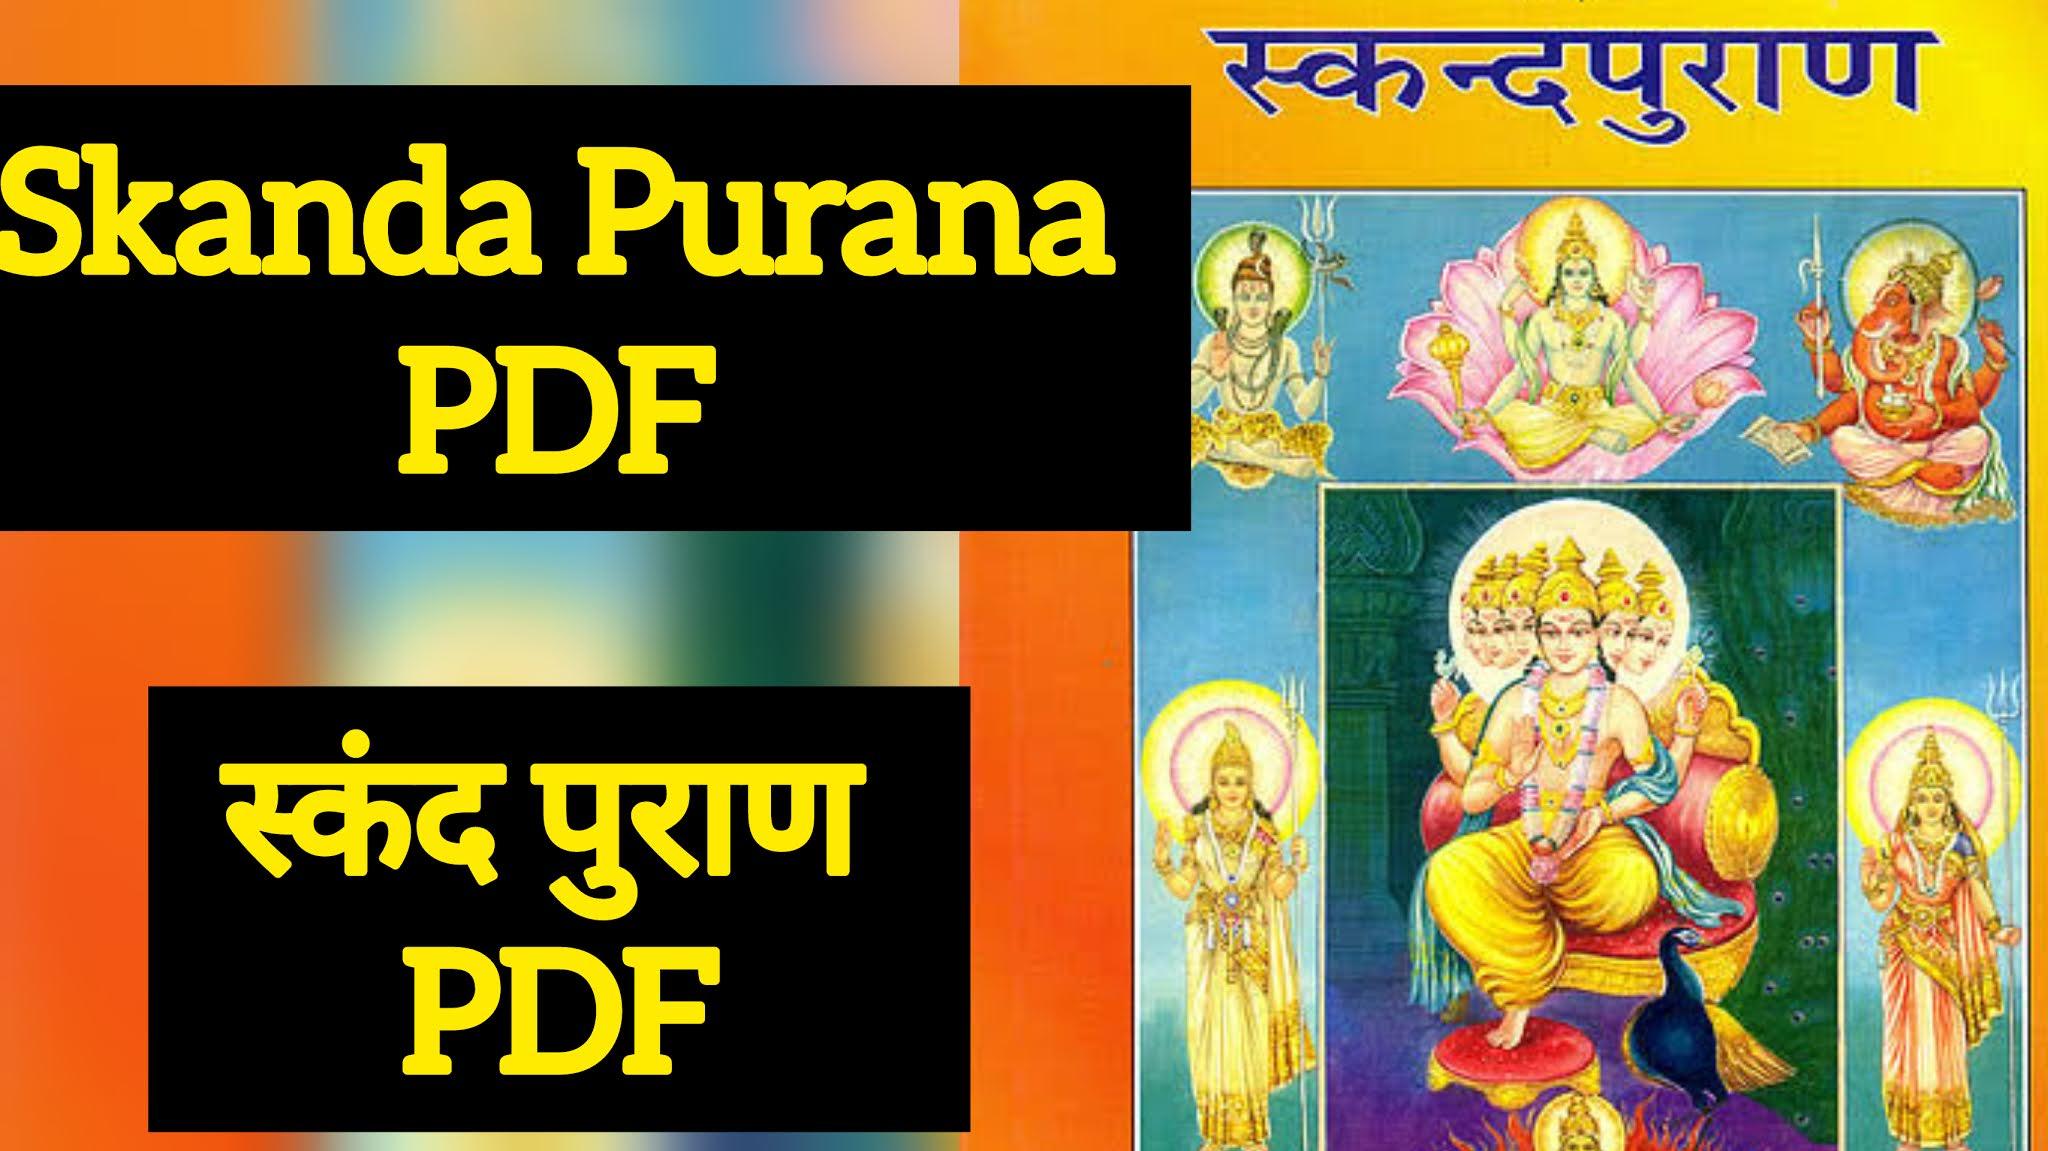 Skanda Purana ( स्कन्द पुराण ) PDF